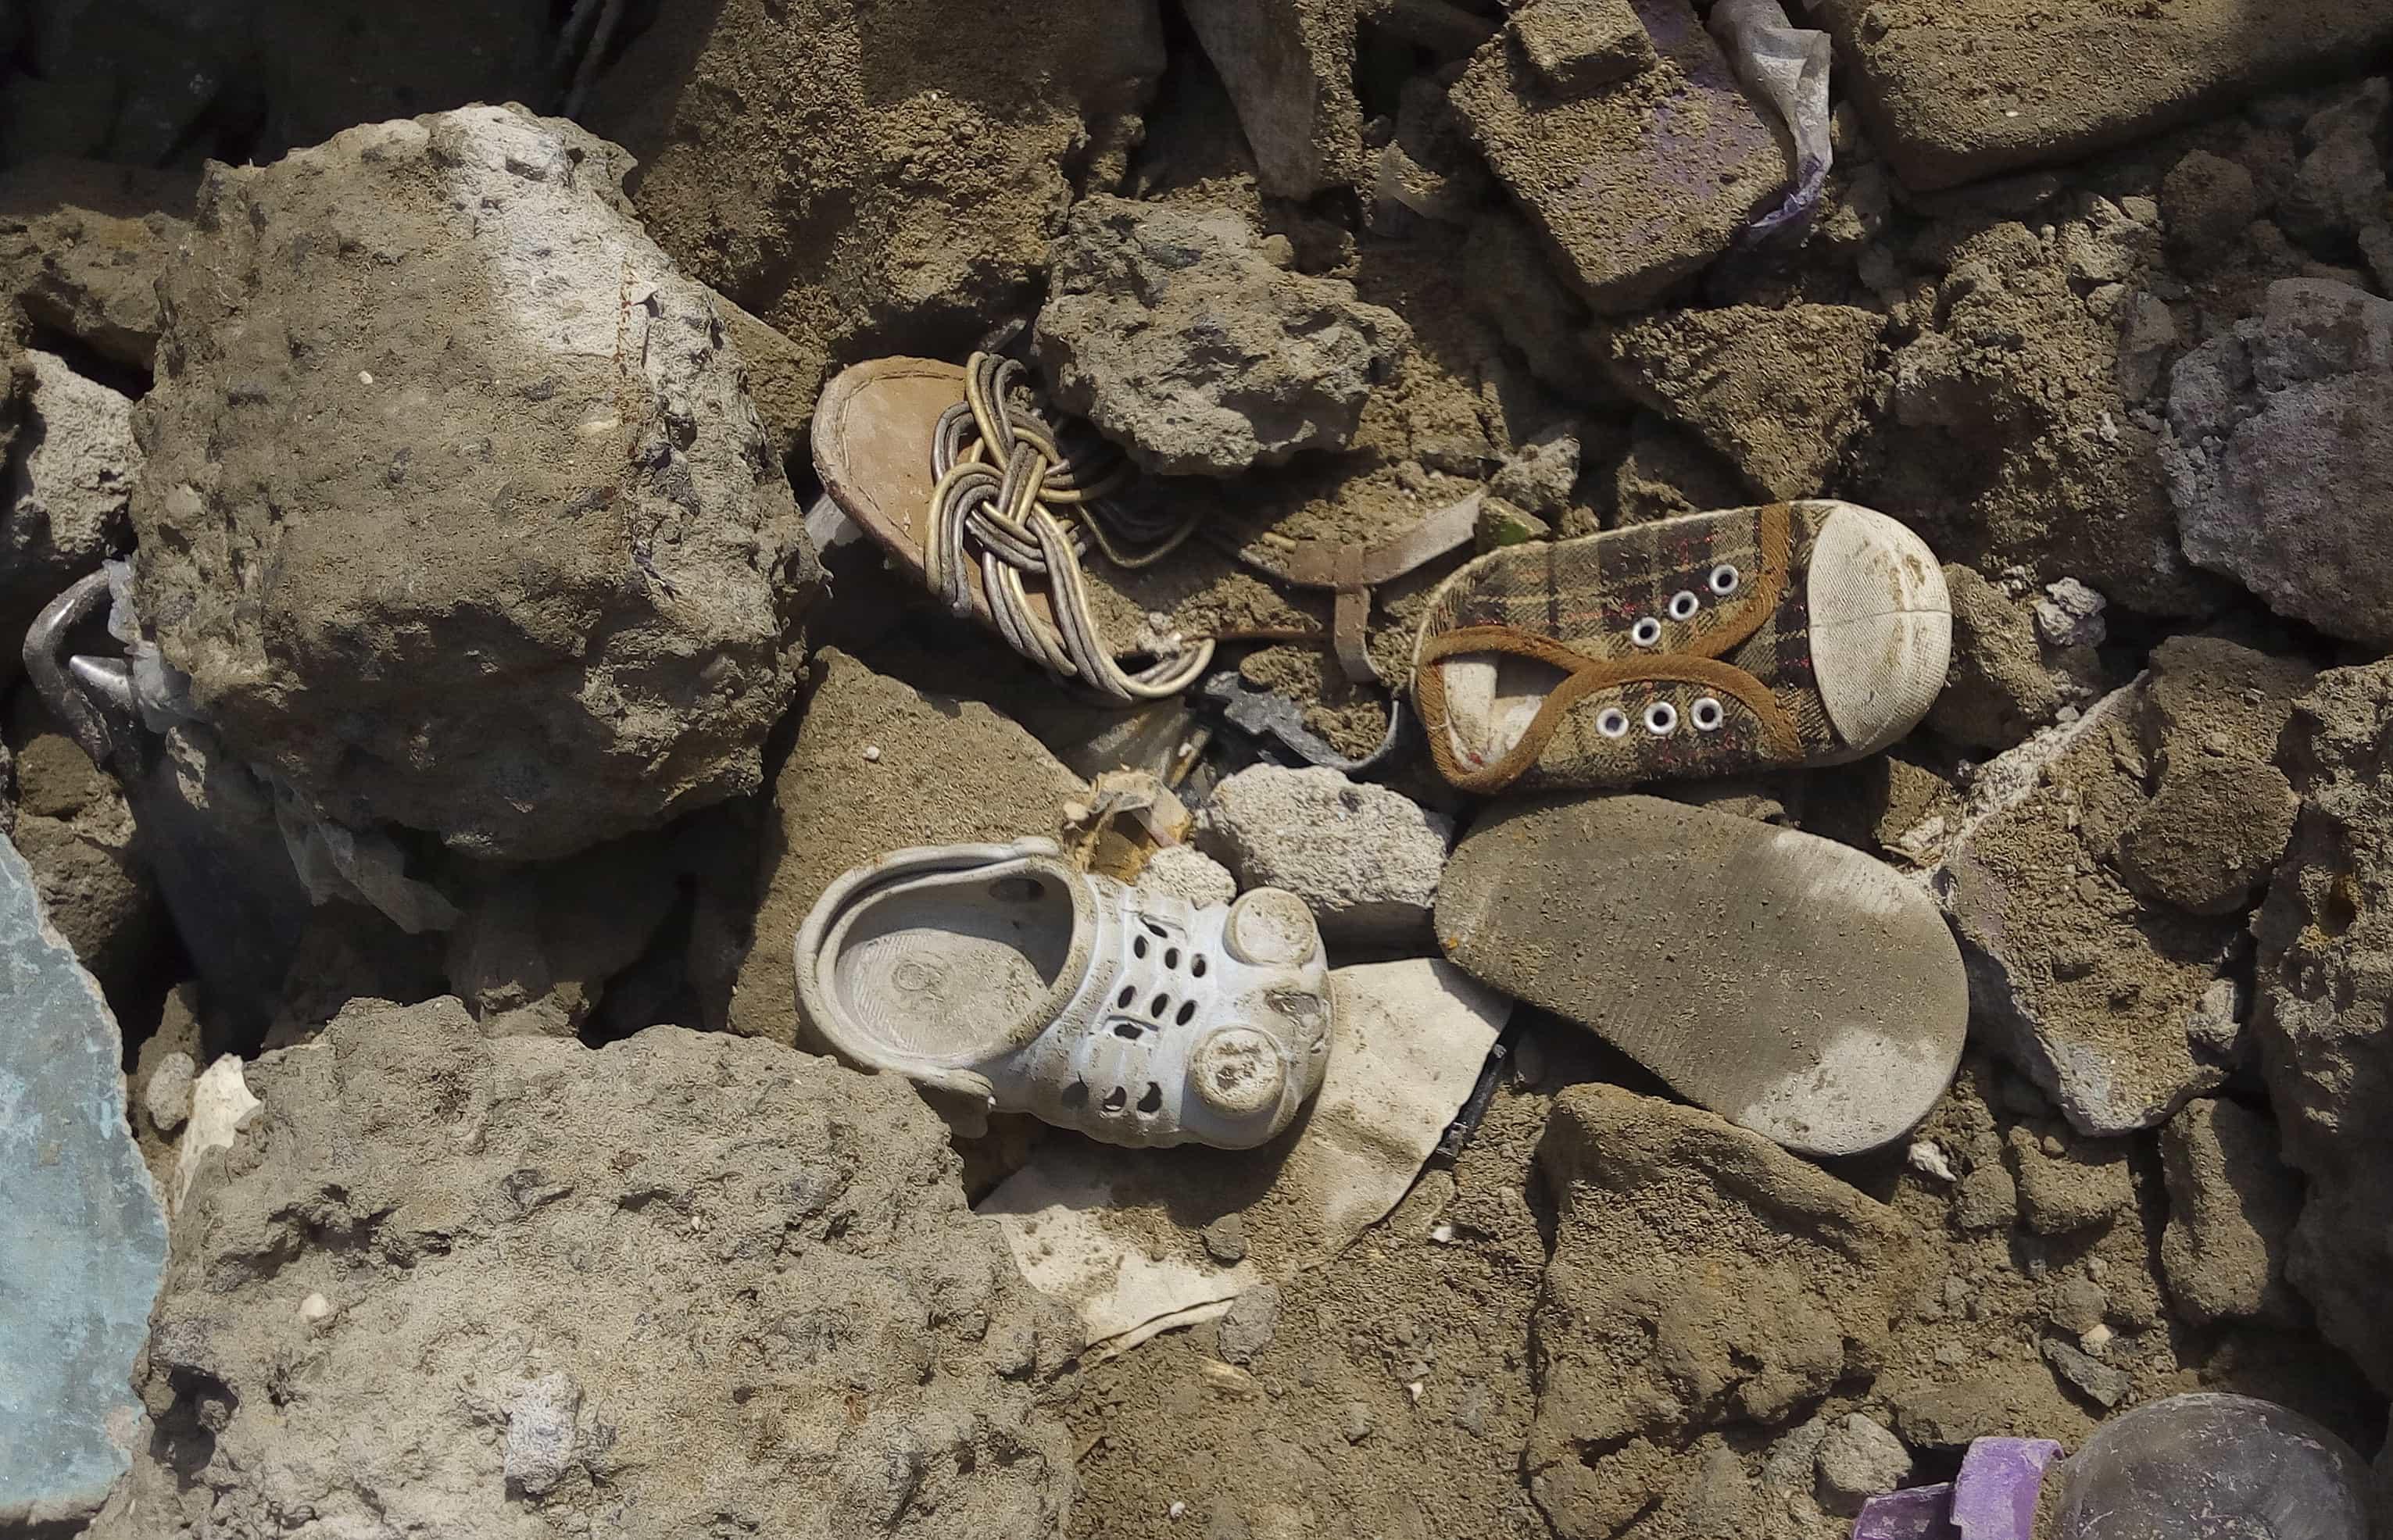 Colapso de escola na Nigéria causou 20 mortos